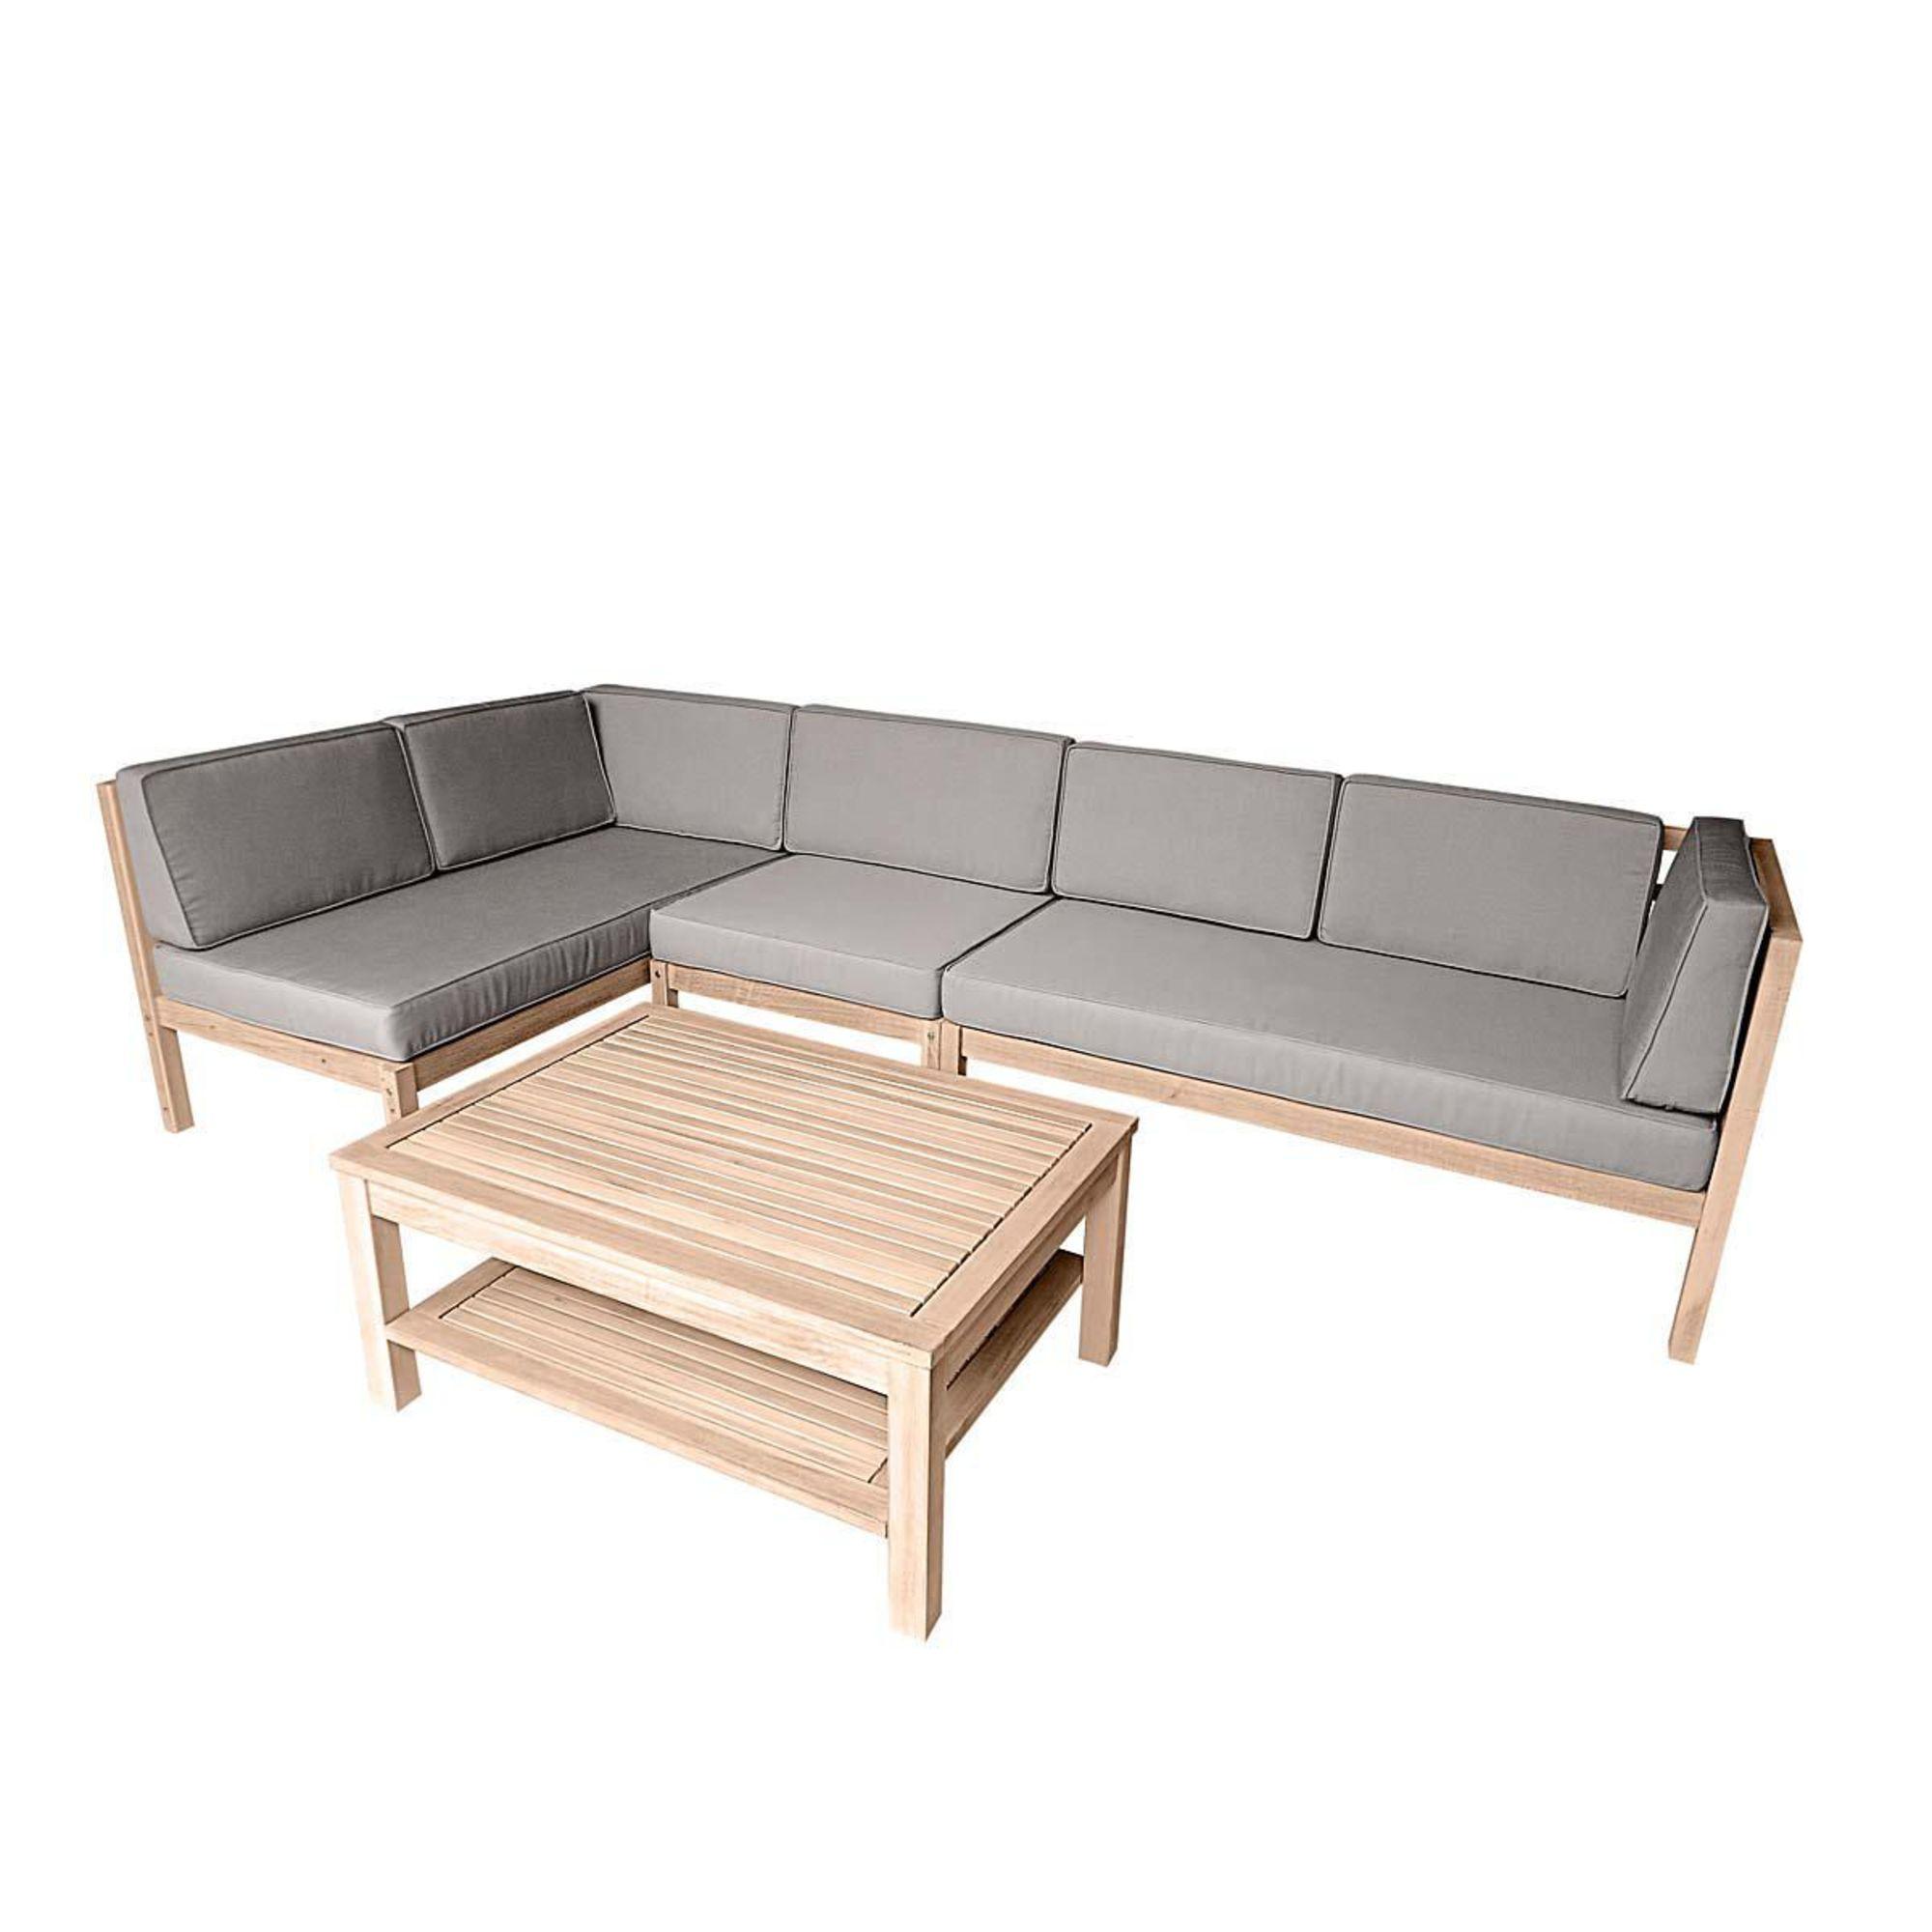 Sofabett holz  Gartenmöbel-Set Variabel, 3-tlg., inkl. Auflagen, Holz